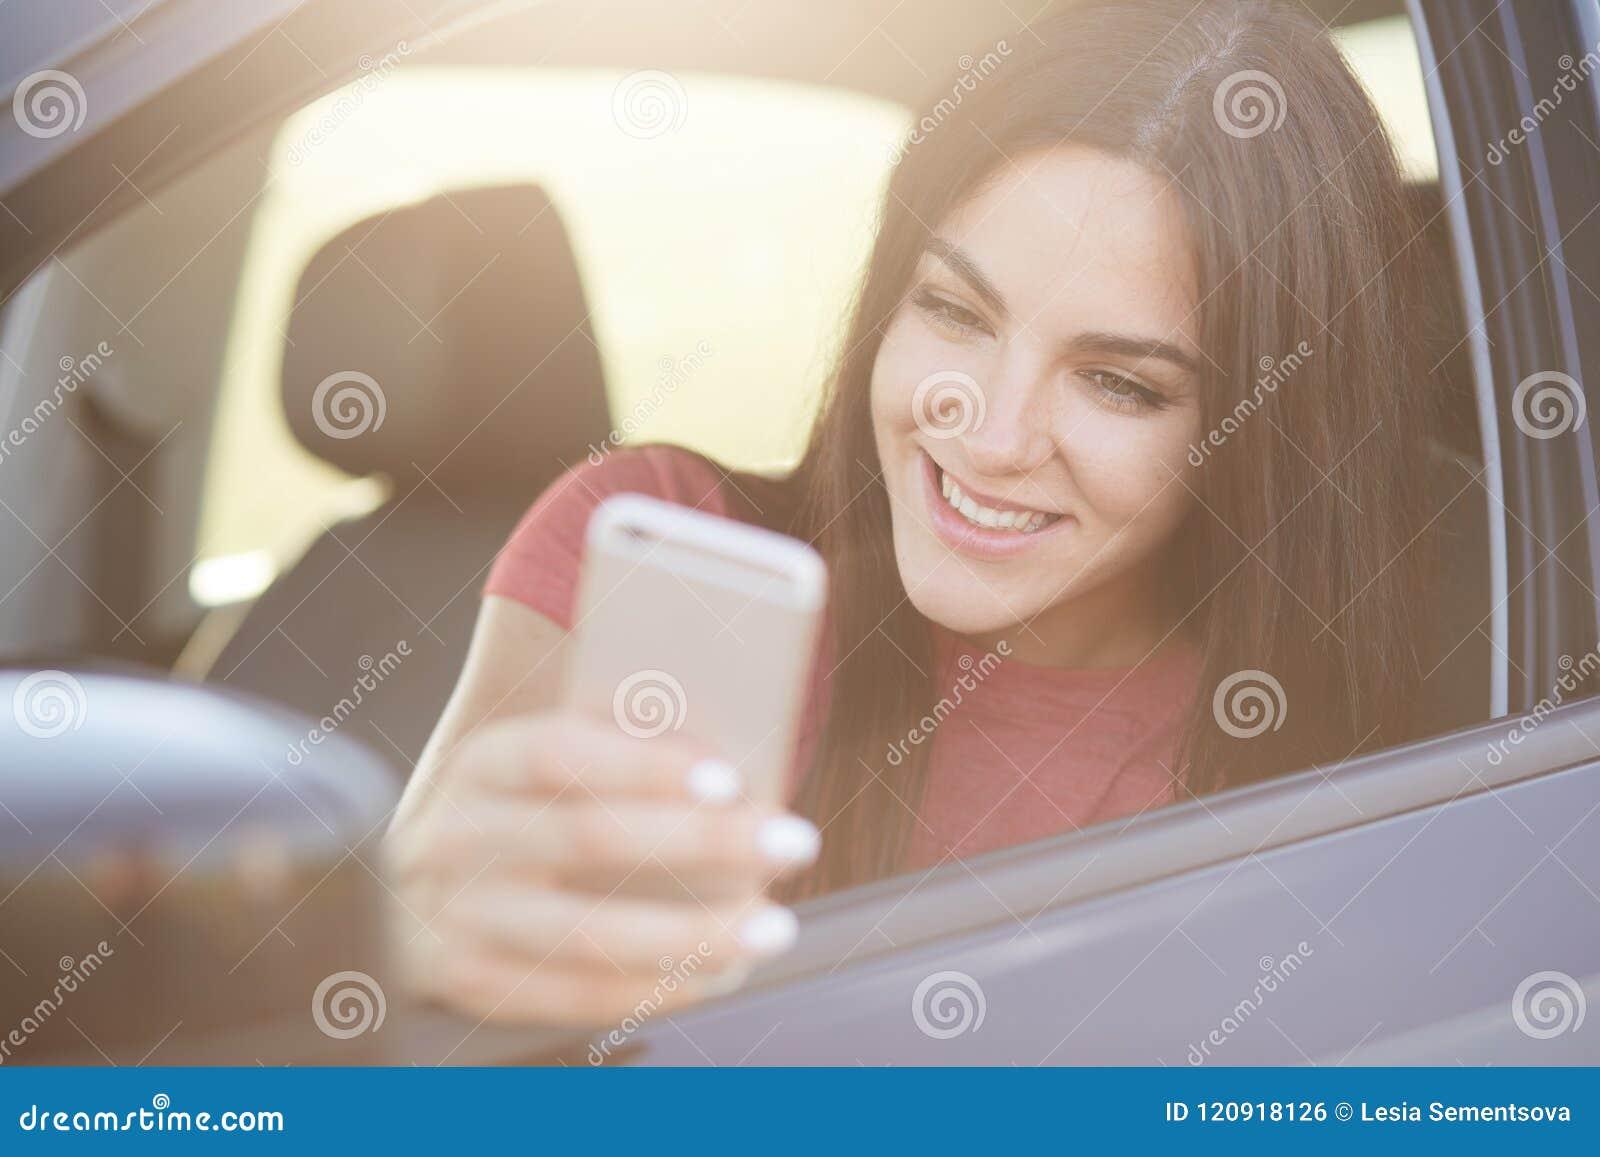 Glad European-het wijfje met lang donker haar, gelukkig om bericht op slimme die telefoon te ontvangen, stelt in auto, ophoudt op